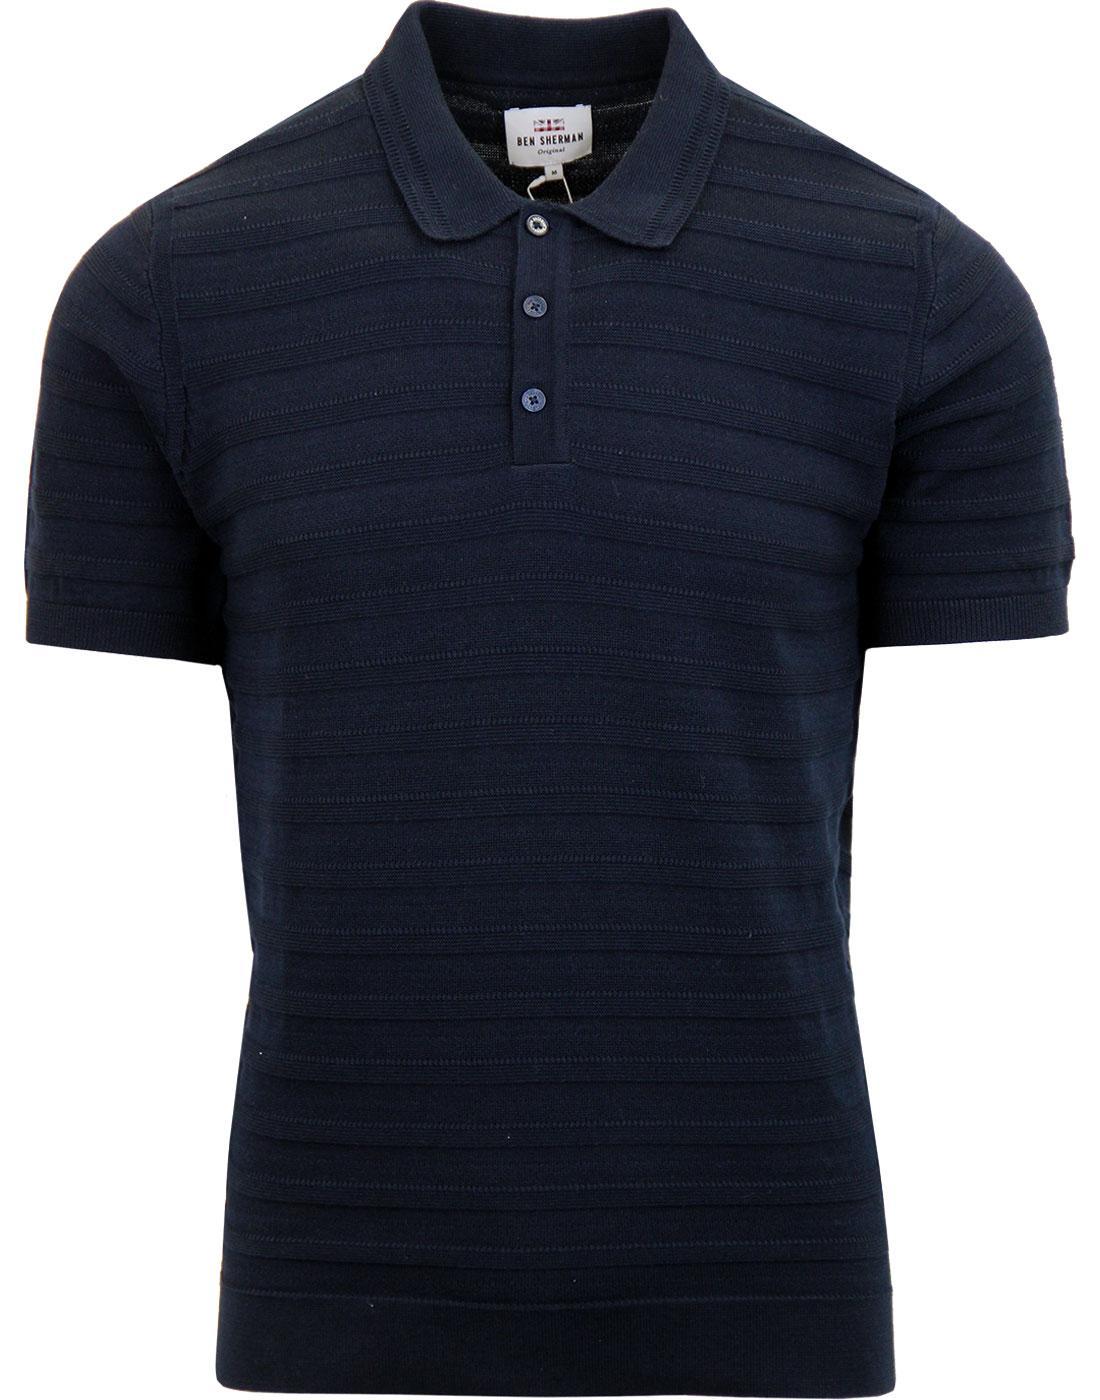 BEN SHERMAN Mod Texture Stripe Knit Polo Shirt (N)